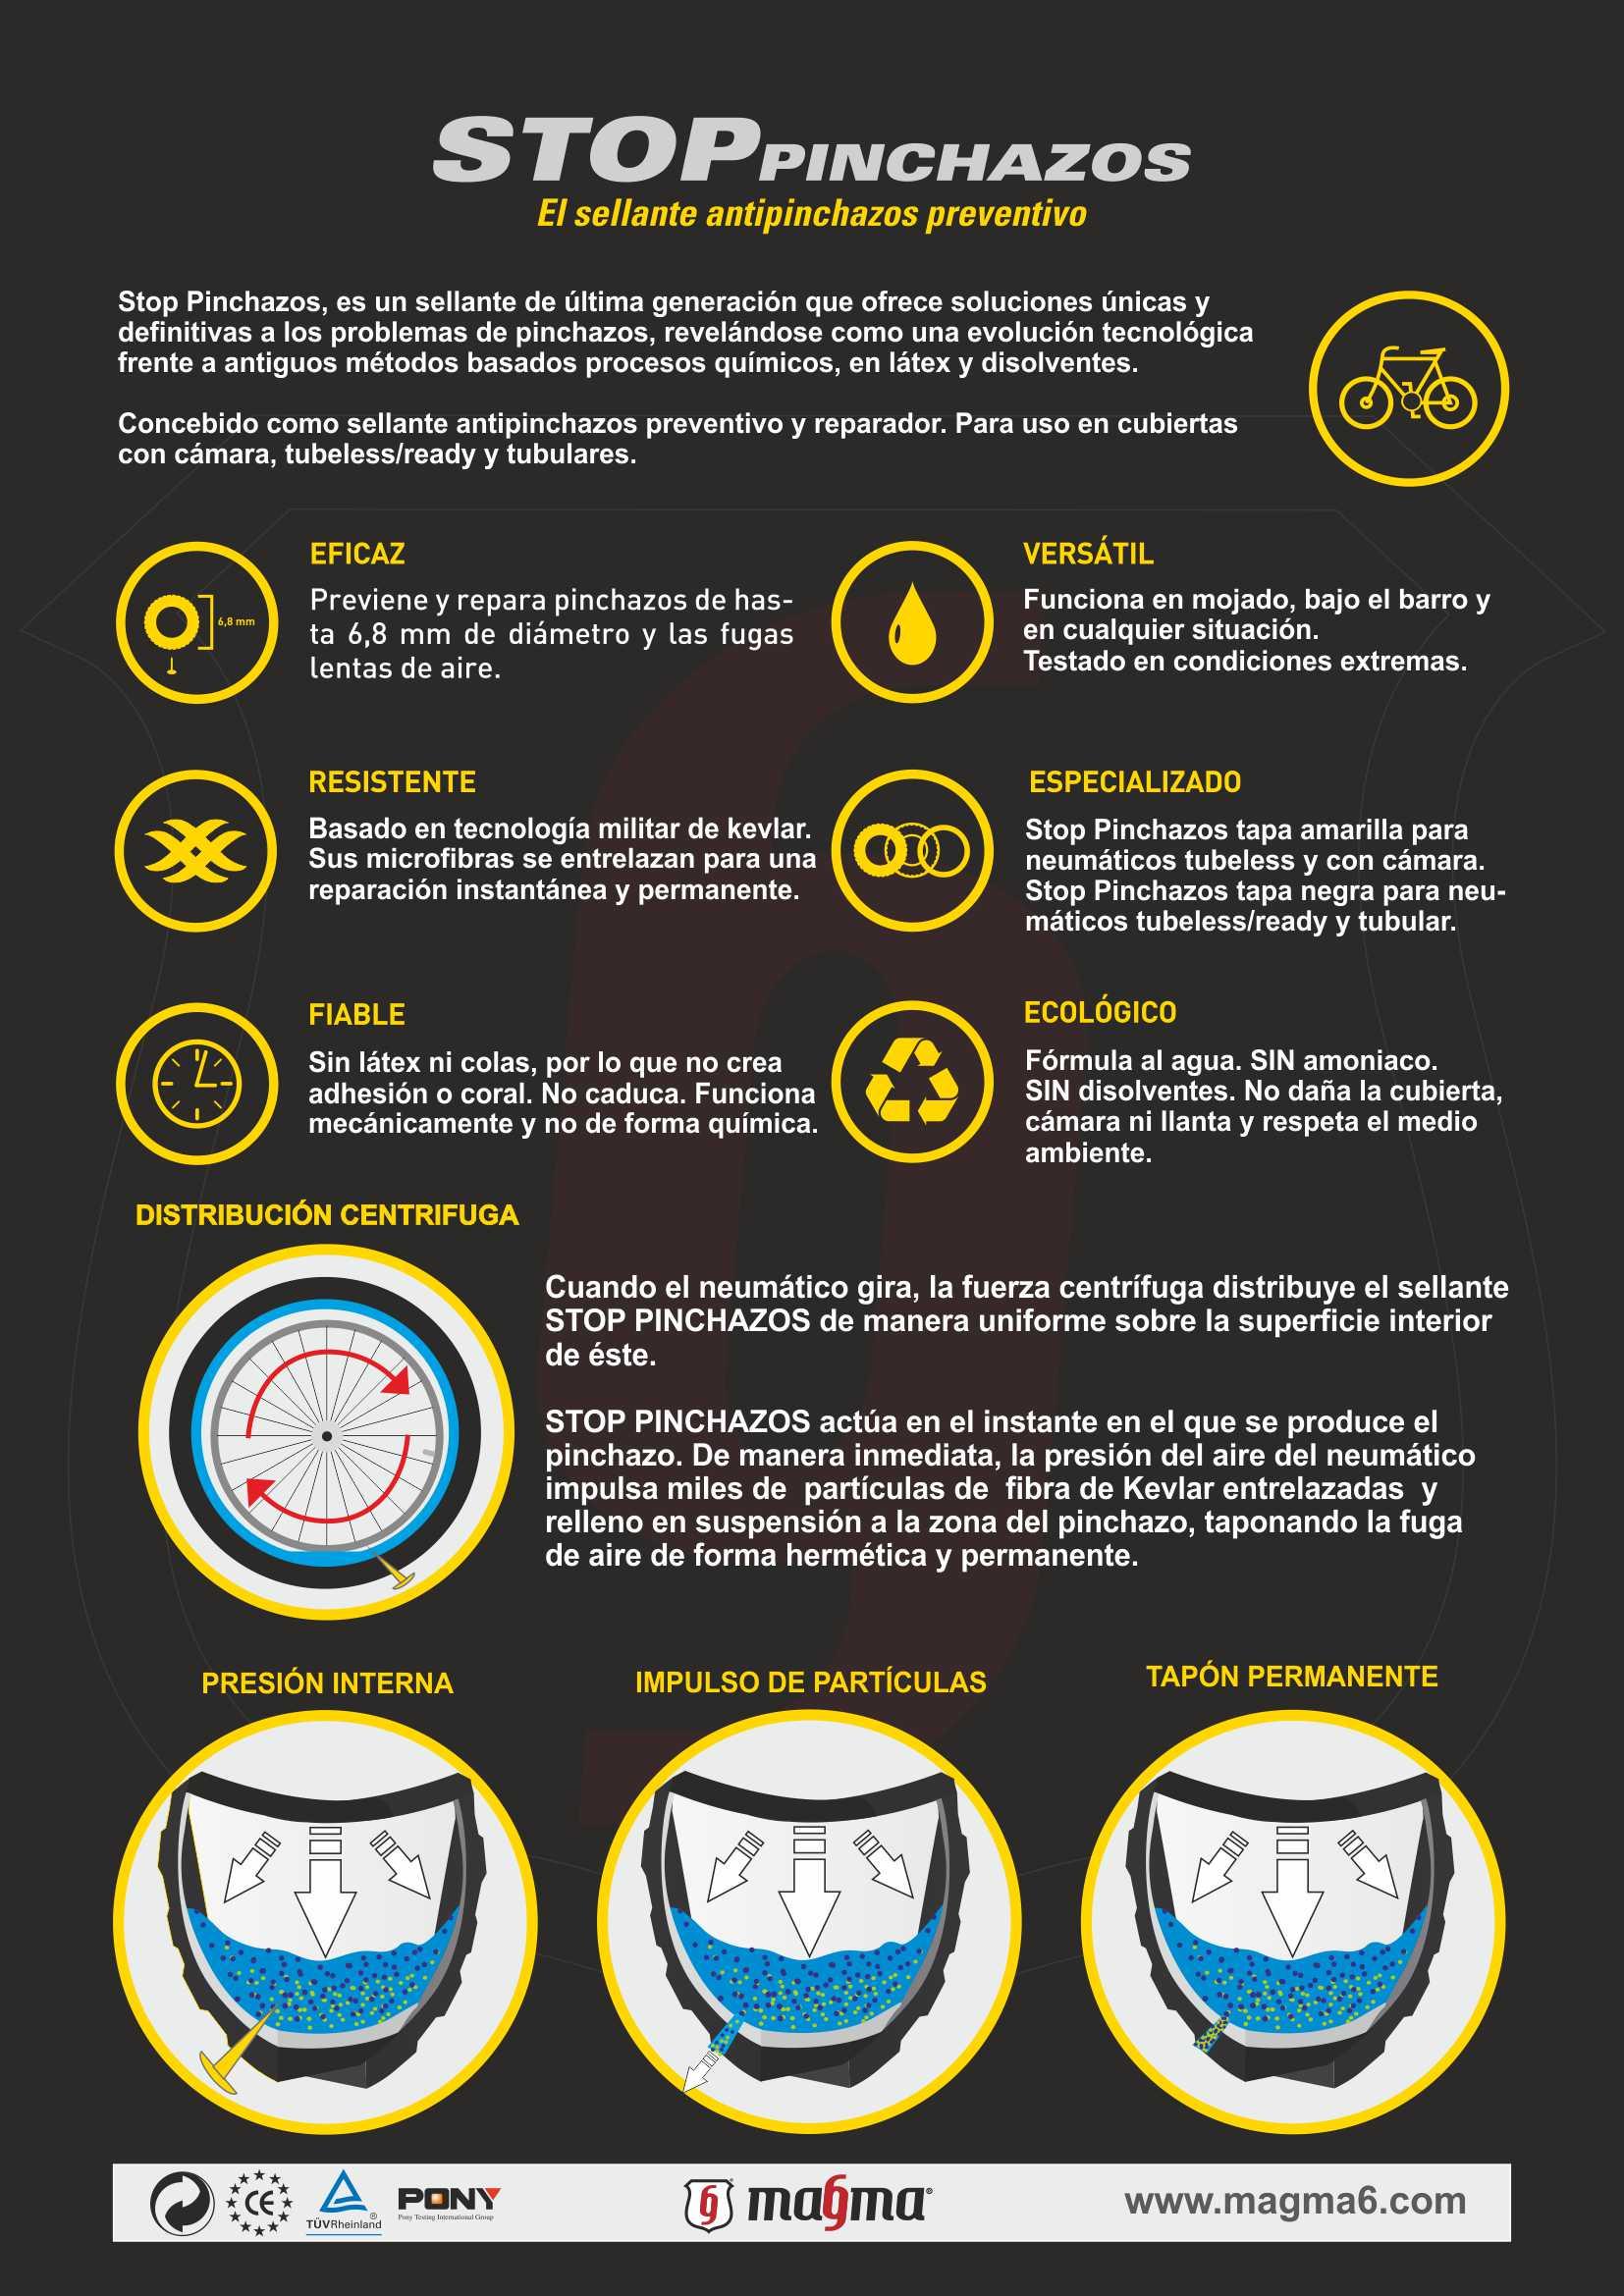 Guía técnica, características y funcionamiento de Stop Pinchazos (I)